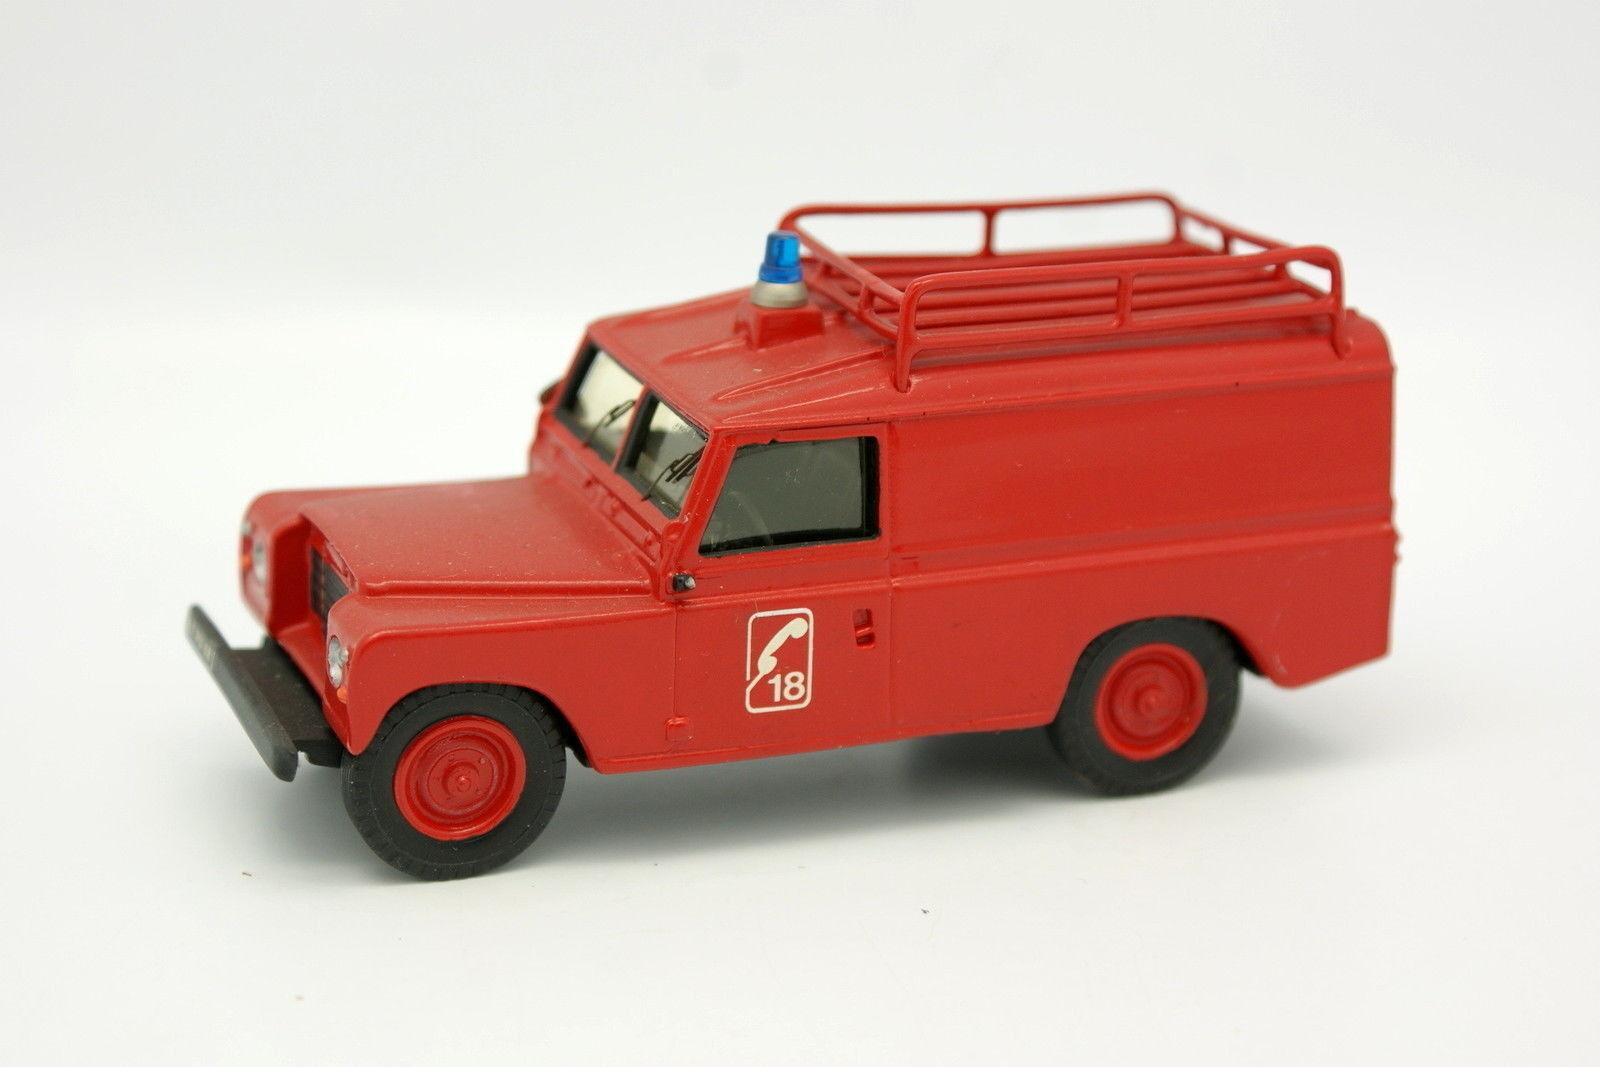 miglior servizio Mvi 1 43 - Le Rover Tôlé Pompieri 18 18 18  memorizzare